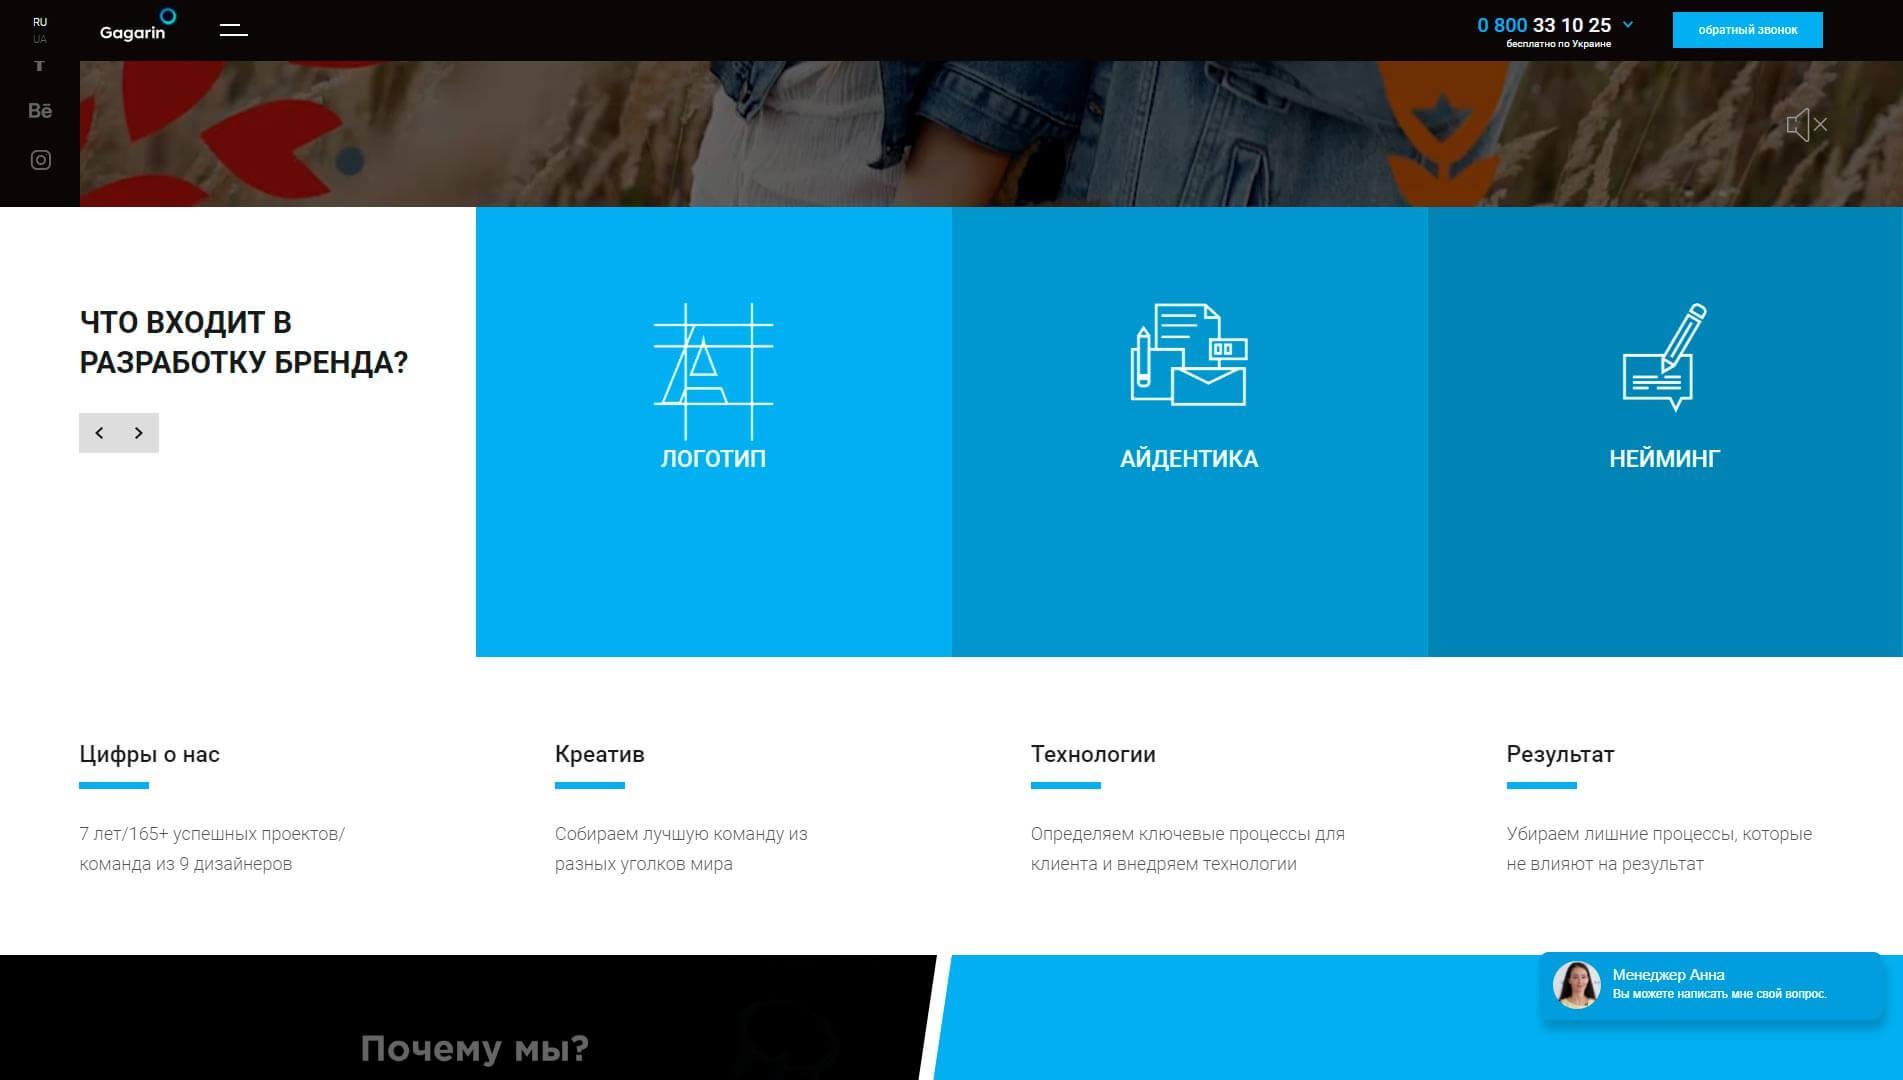 Gagarin Studio - обзор компании, услуги, отзывы, клиенты, Фото № 2 - google-seo.pro